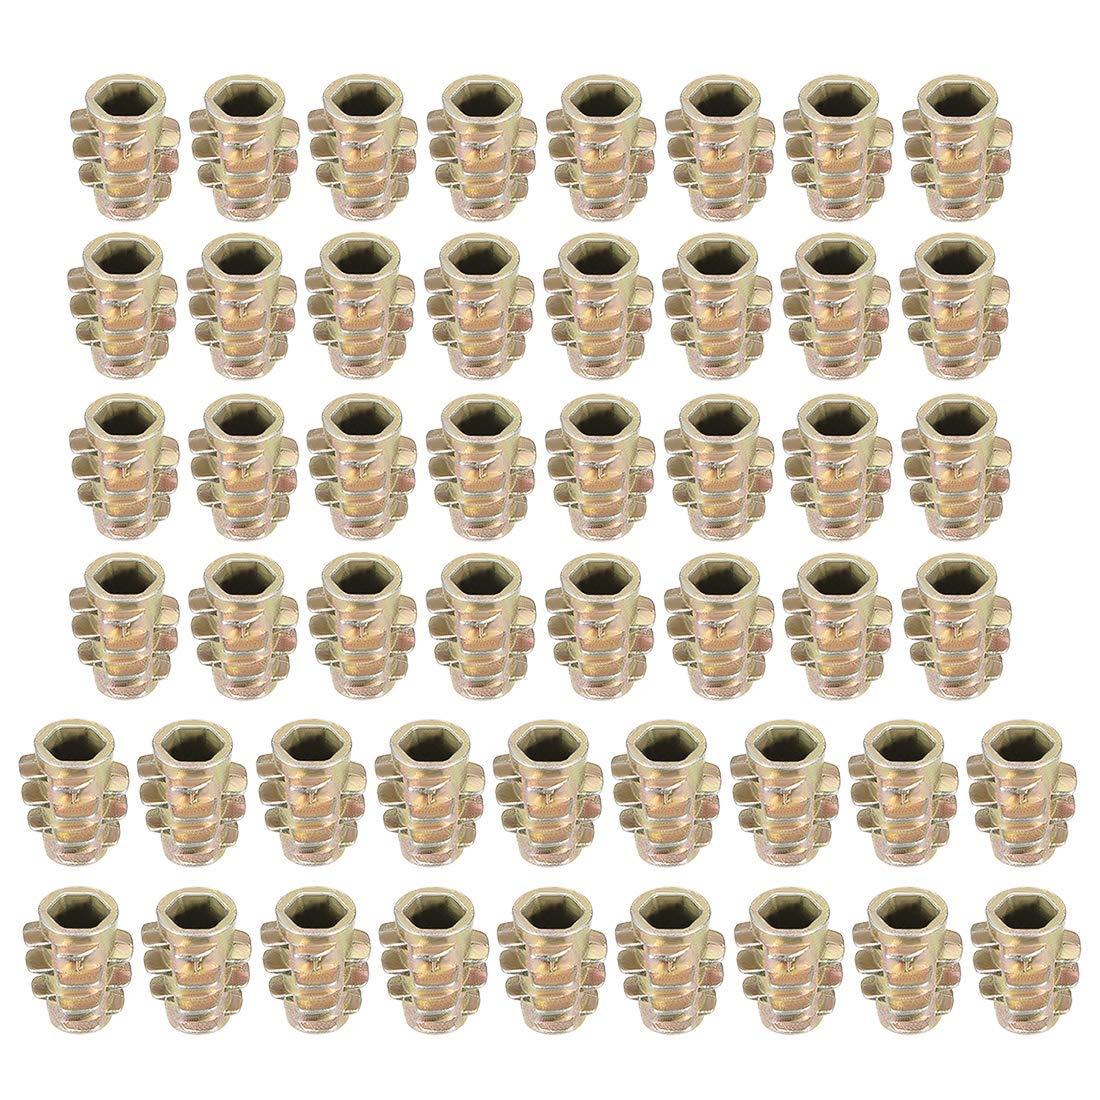 uxcell Threaded Insert Nuts Zinc Alloy Hex-Flush M4 Internal Threads 10mm Length 50pcs